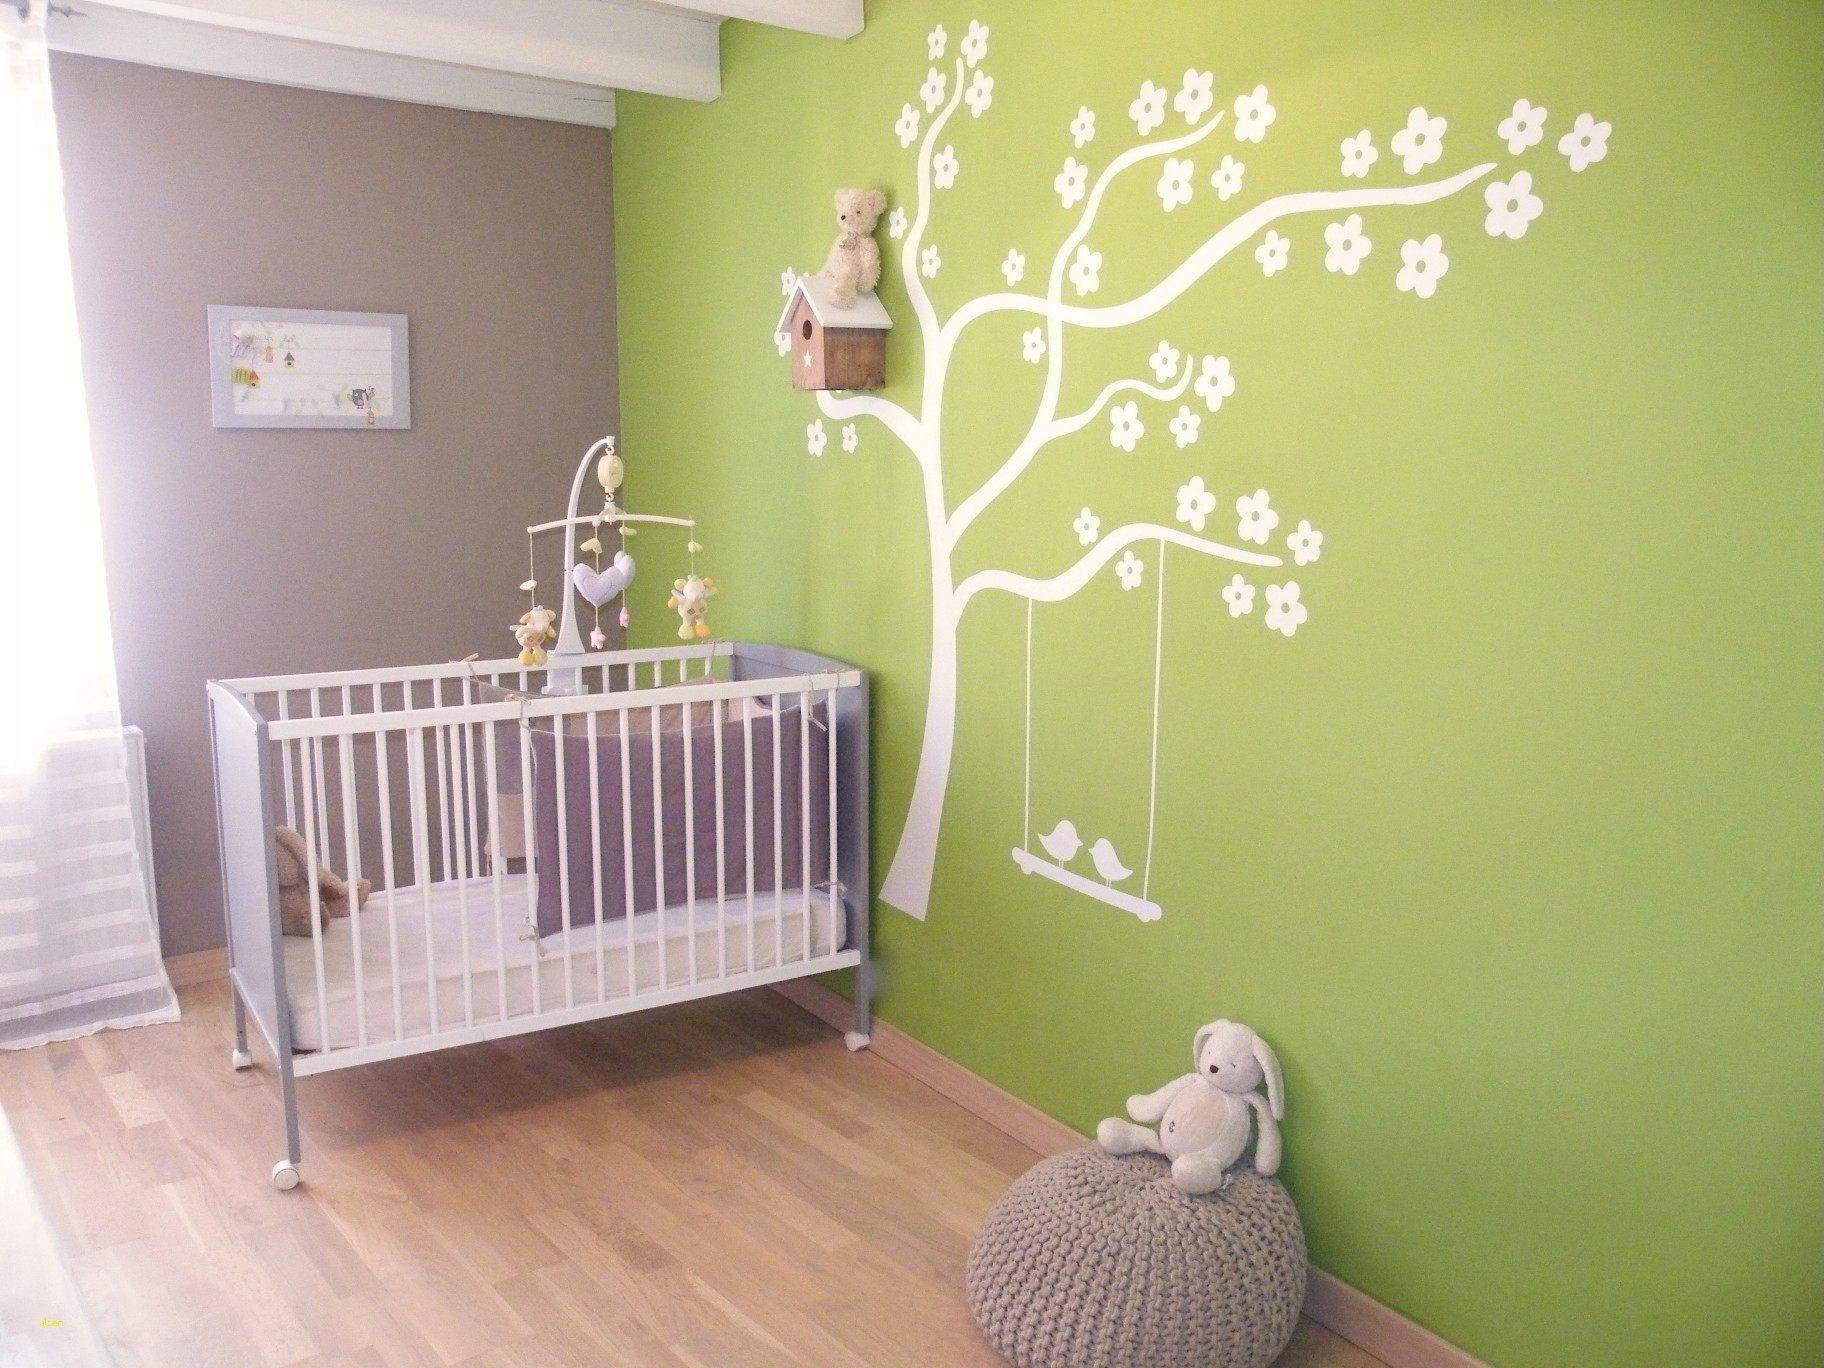 Lit Enfant Superposé Inspiré Chaise Table Bébé Cuisine Pour Bebe Lovely Lit Ikea Bebe 12 Superpos